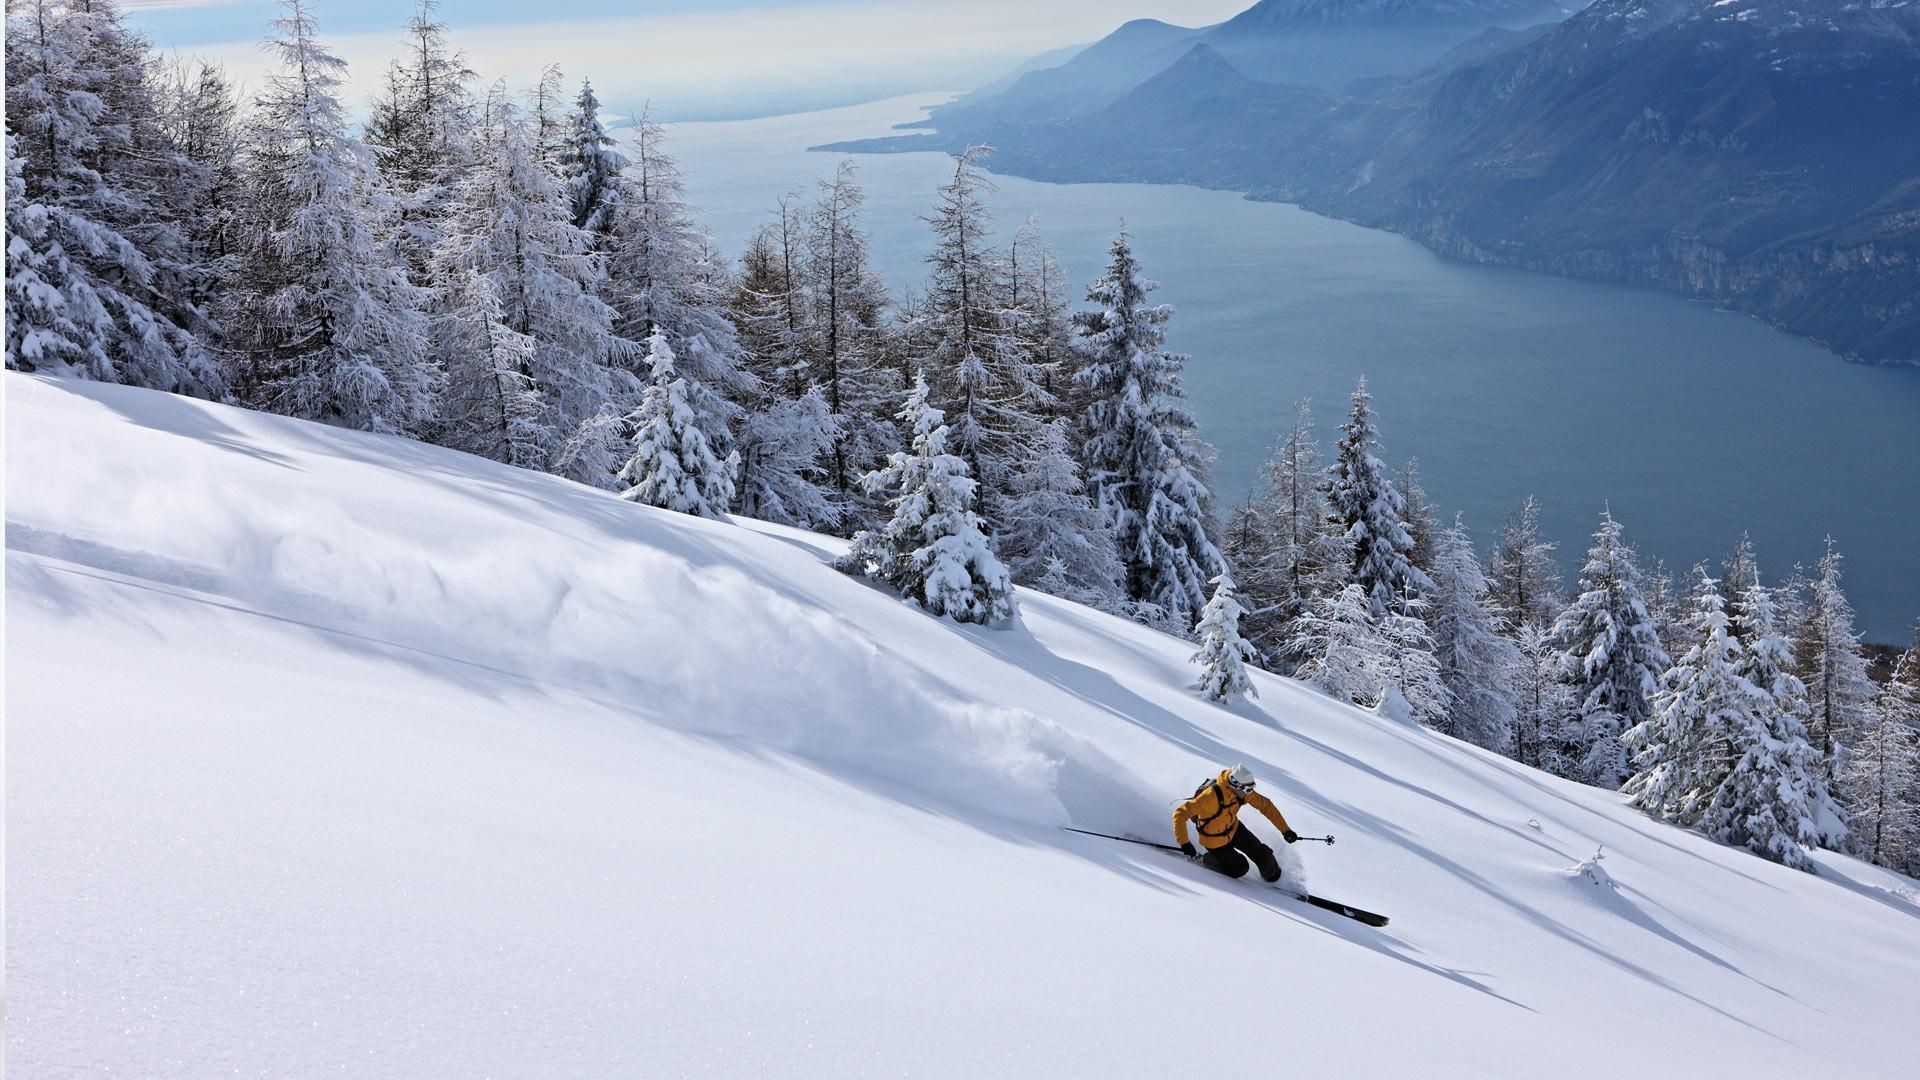 skiing computer wallpapers desktop backgrounds